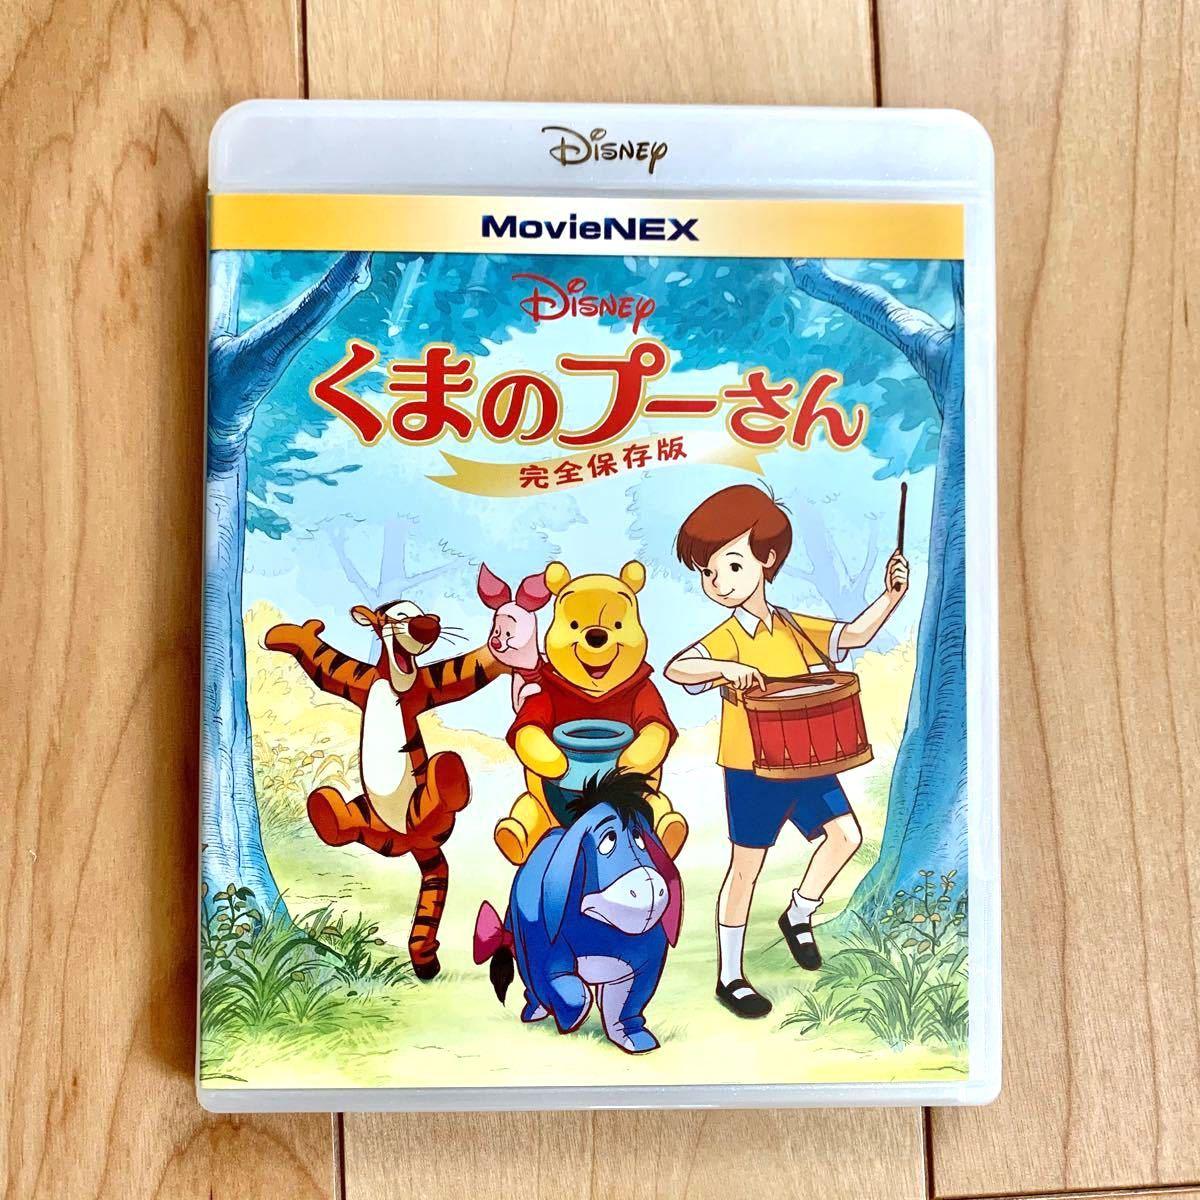 くまのプーさん 完全保存版 ブルーレイ+純正ケース【国内正規版】新品未再生 MovieNEX Blu-ray